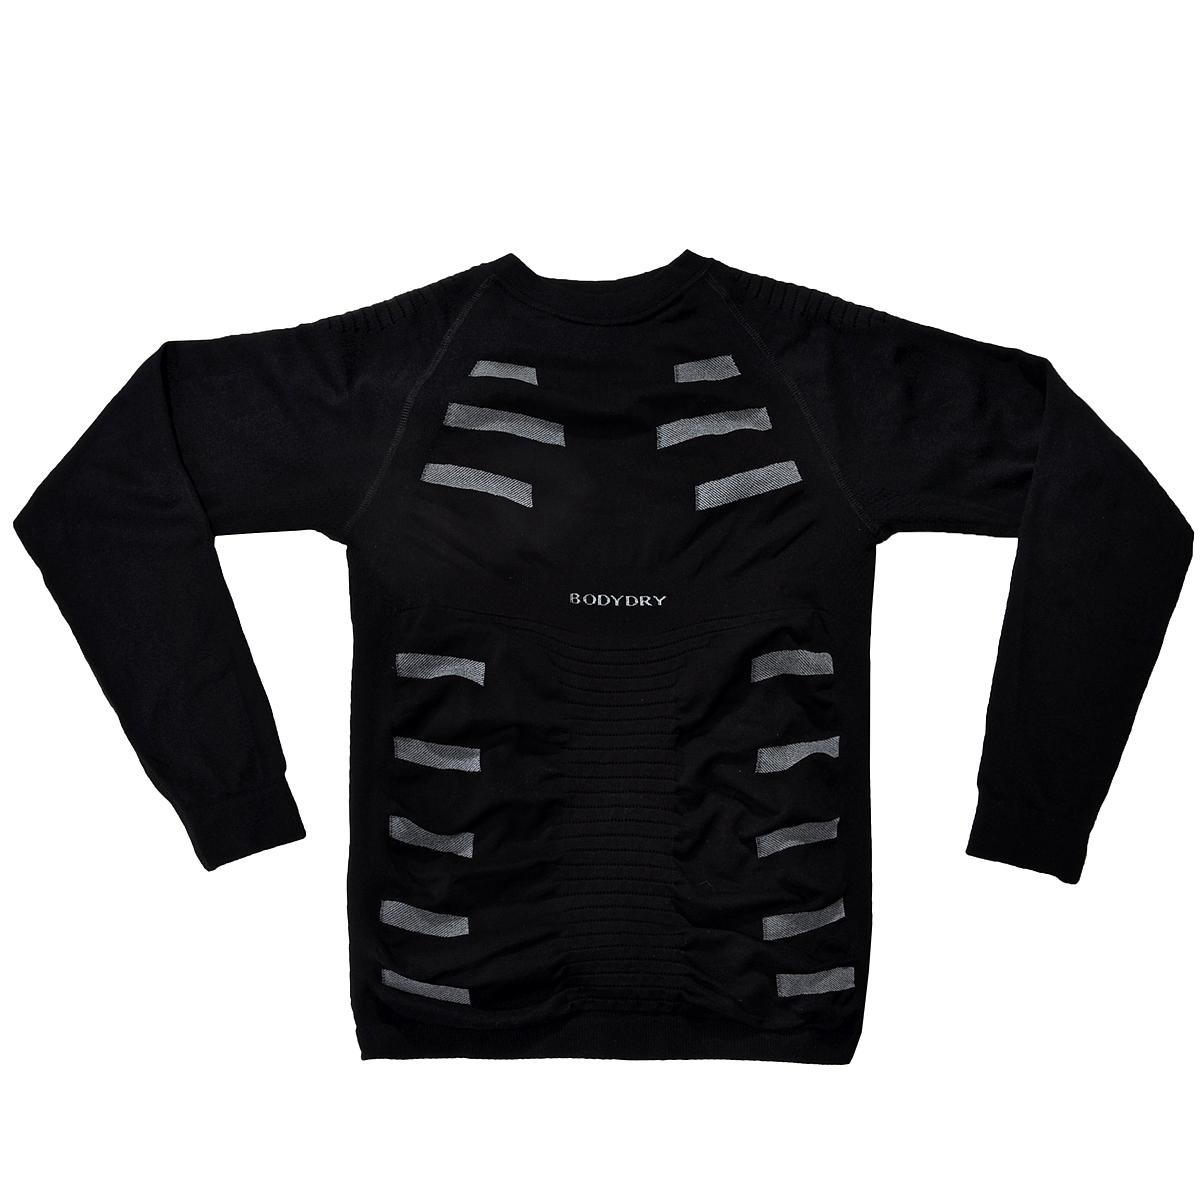 Лонгслив мужской BodyDry Extreme, цвет: черный, серый. УТ-00004802. Размер XL (54/56)УТ-00004802Мужской лонгслив BodyDry Extreme - функциональное компрессионное термобелье для высокой физической активности. Сочетание самых современных материалов (Tactel, DryTex, Lycra) c передовыми технологиями плетения (Net Respirant, RibbingDry, AirChannel). Tactel® (100% полиамид) позволяет добиться сочетания несочетаемых свойств - ветронепроницаемости и высокой способности дышать. Tactel® гигиеничен как хлопок, мягок как шелк, пластичен как полиэстер. Примесь Lycra добавляет длительную сохранность формы, удобную посадку, свободу движения. DryTex (полипропилен) - легкий и прочный гипоаллергенный материал, обеспечивает прекрасную термоизоляцию, благодаря низкой теплопроводности. Также позволяет изделию сохранять привлекательный внешний вид даже после многочисленных стирок. Термобелье может применяться как при высокой физической активности (треккинг, лыжи, сноуборд), так и при повседневной носке.Технологии:3D плетение Ткань обеспечивает разнонаправленную воздухопроницаемость Net RespirantТкань особой ячеистой структуры обеспечивает быстрый отвод влаги в зонах повышенного потоотделения.RibbingDryБлагодаря технологии специального ребристого плетения, изделие плотно сидит, не стесняя движений, а также обладает влагоотводящими свойствами и быстро сохнет.Air ChannelСистема специальных воздушных каналов обеспечивает высокий комфорт при носке. Благодаря усиленной циркуляции воздуха изделие не прилипает к телу или одежде даже при активном потоотделении.